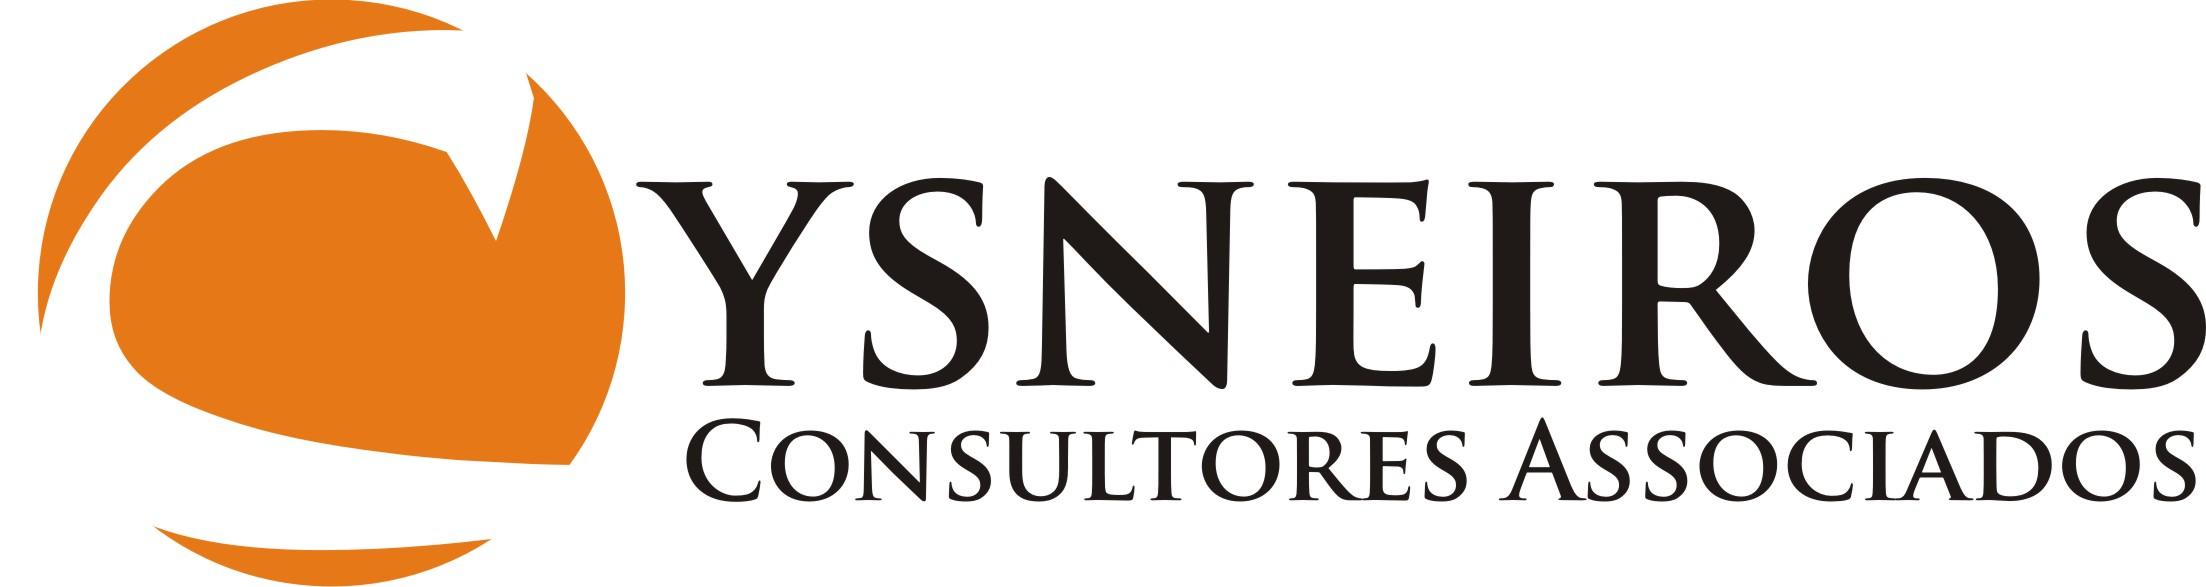 Logomarca Cysneiros e Consultores Associados